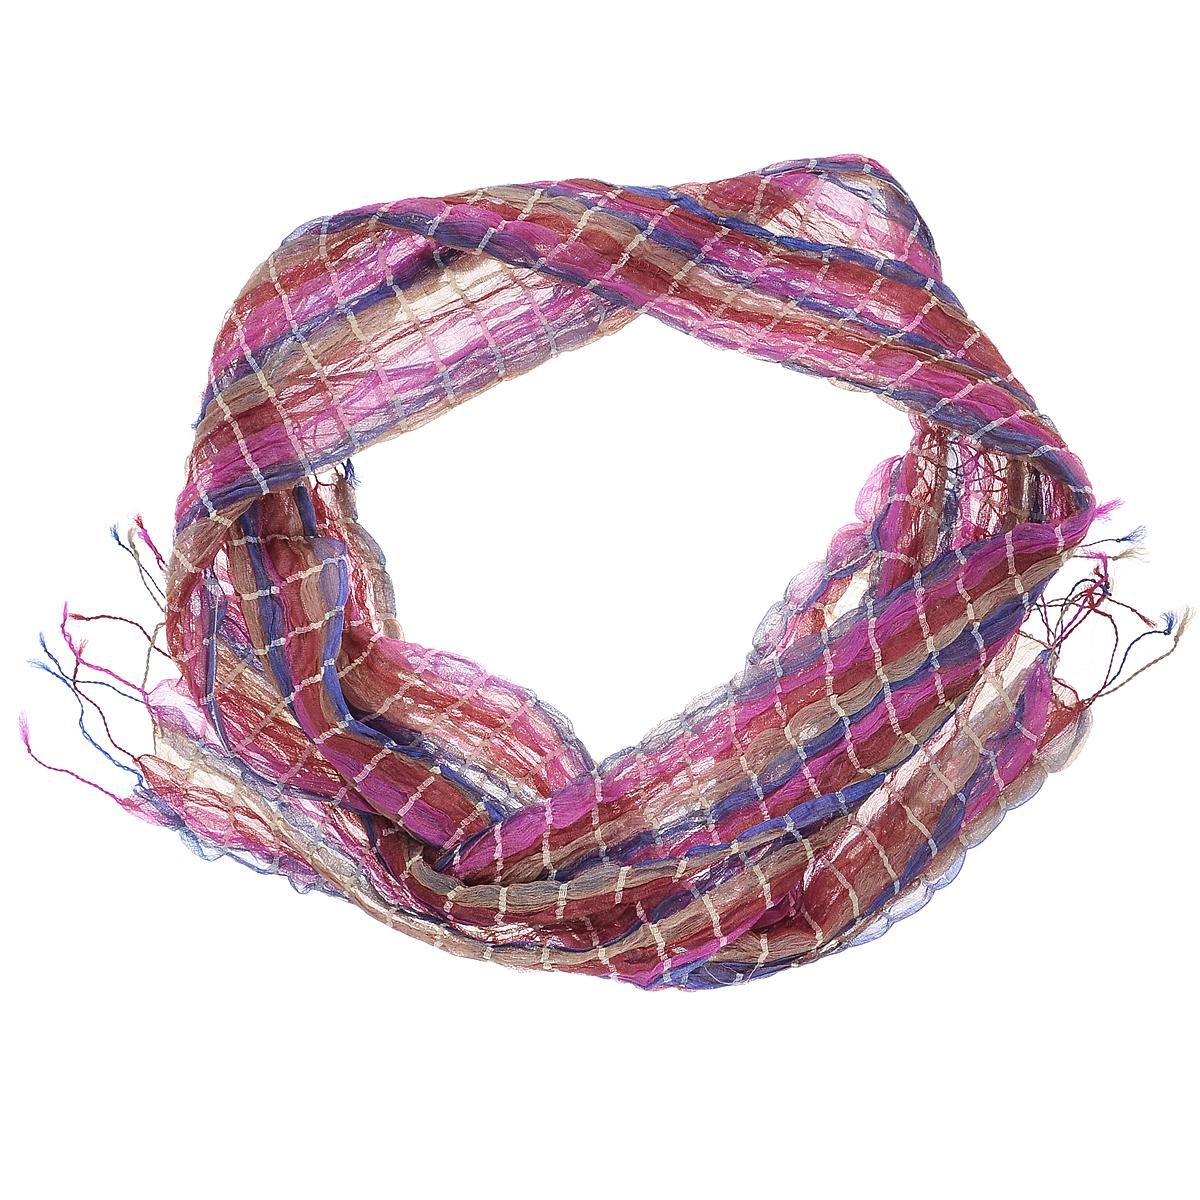 Шарф женский Ethnica, цвет: красный, розовый, синий, бежевый. Размер 25 см х 170 см edu play